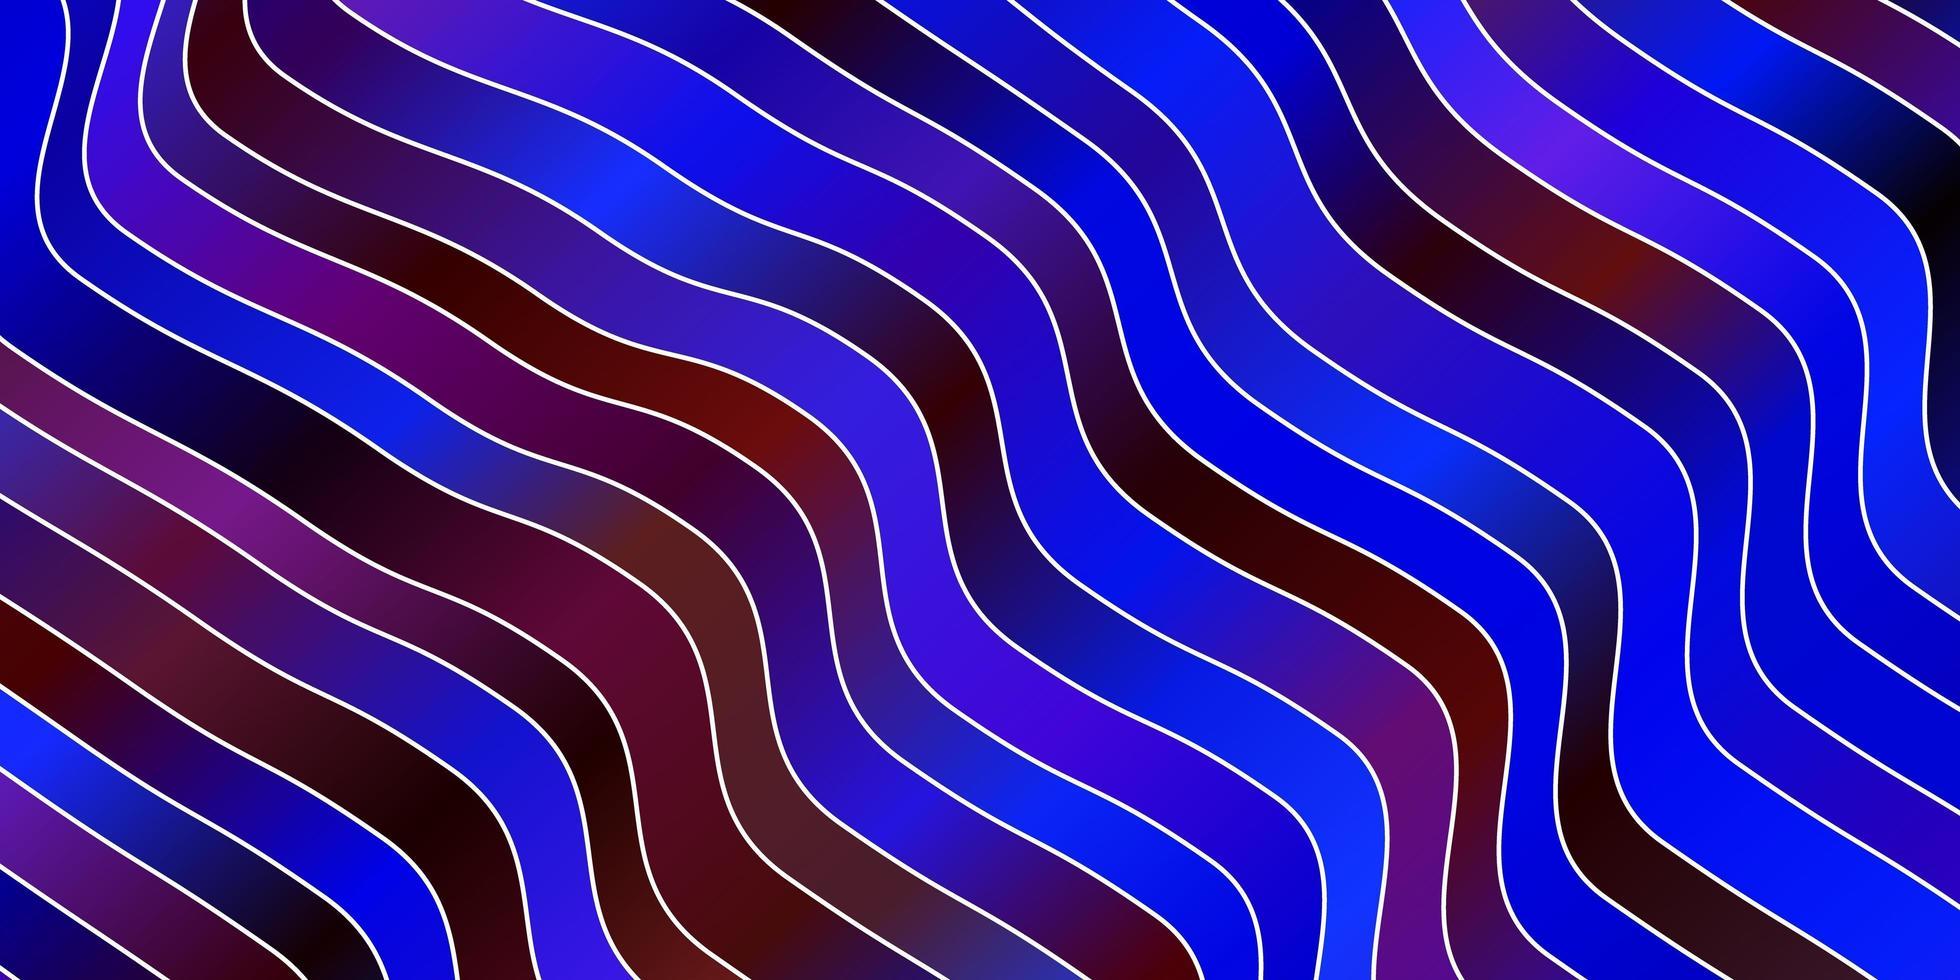 mörkblå, röd vektorlayout med kurvor. vektor